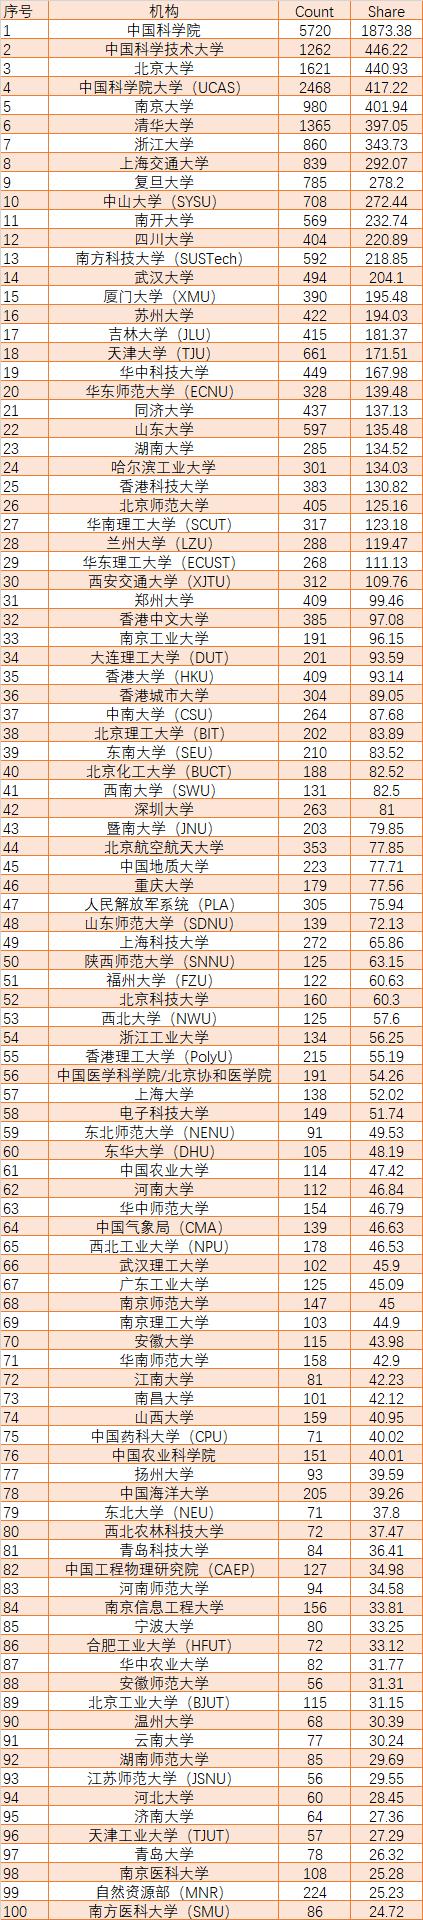 最新全球大学/机构学术排名出炉,山东大学首次进入全球前100名